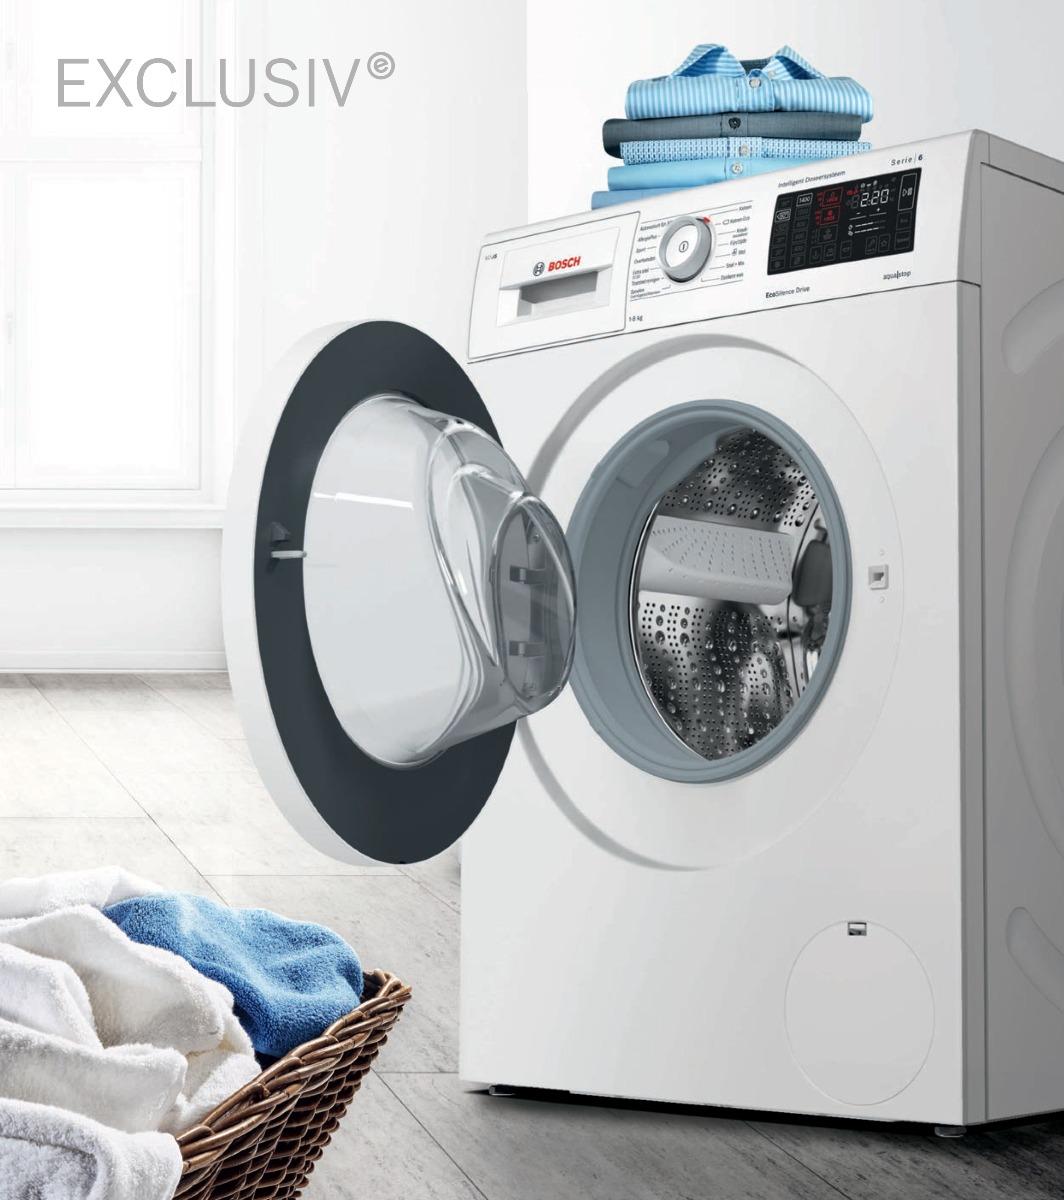 Bosch Exclusiv wasmachines